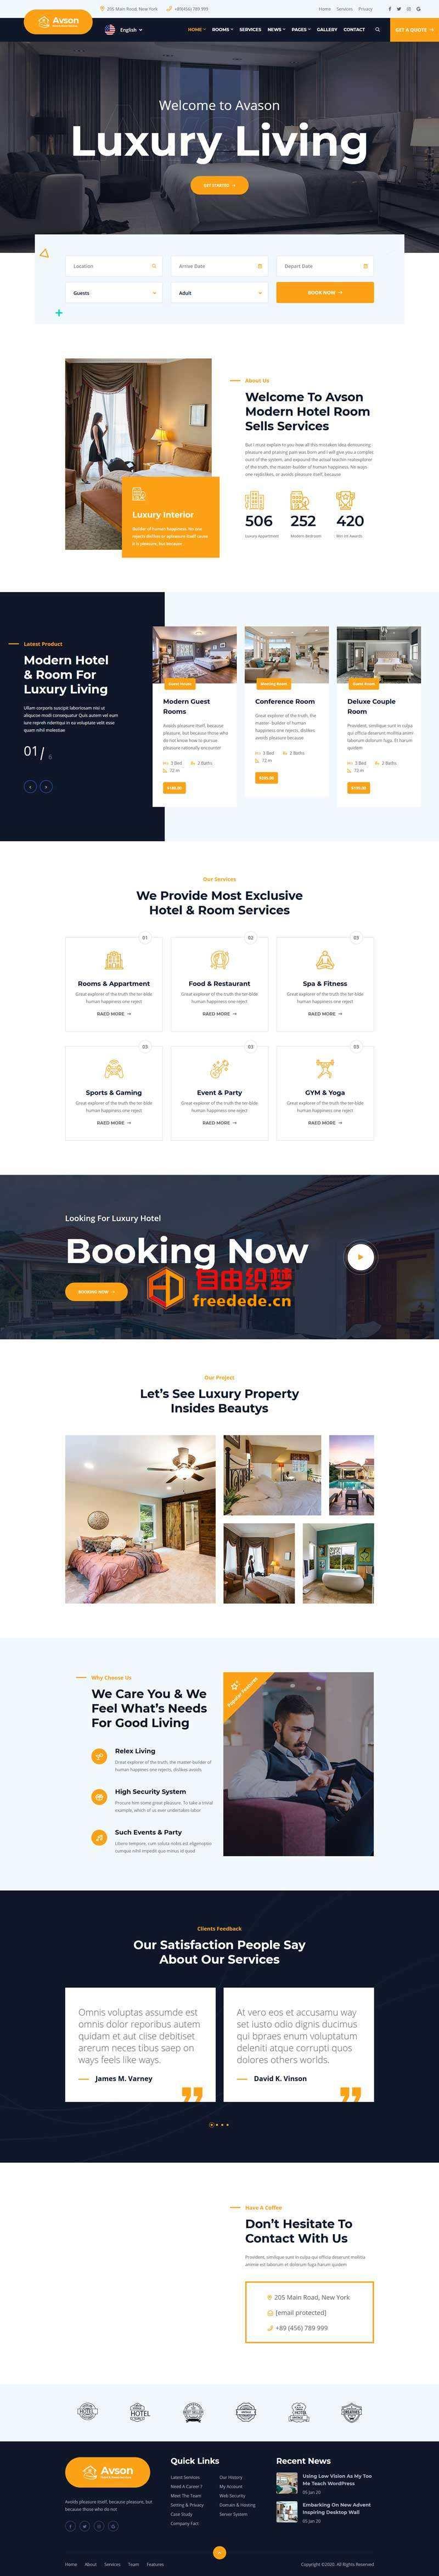 爱上源码网文章星级酒店客房预订官网HTML5模板的内容插图